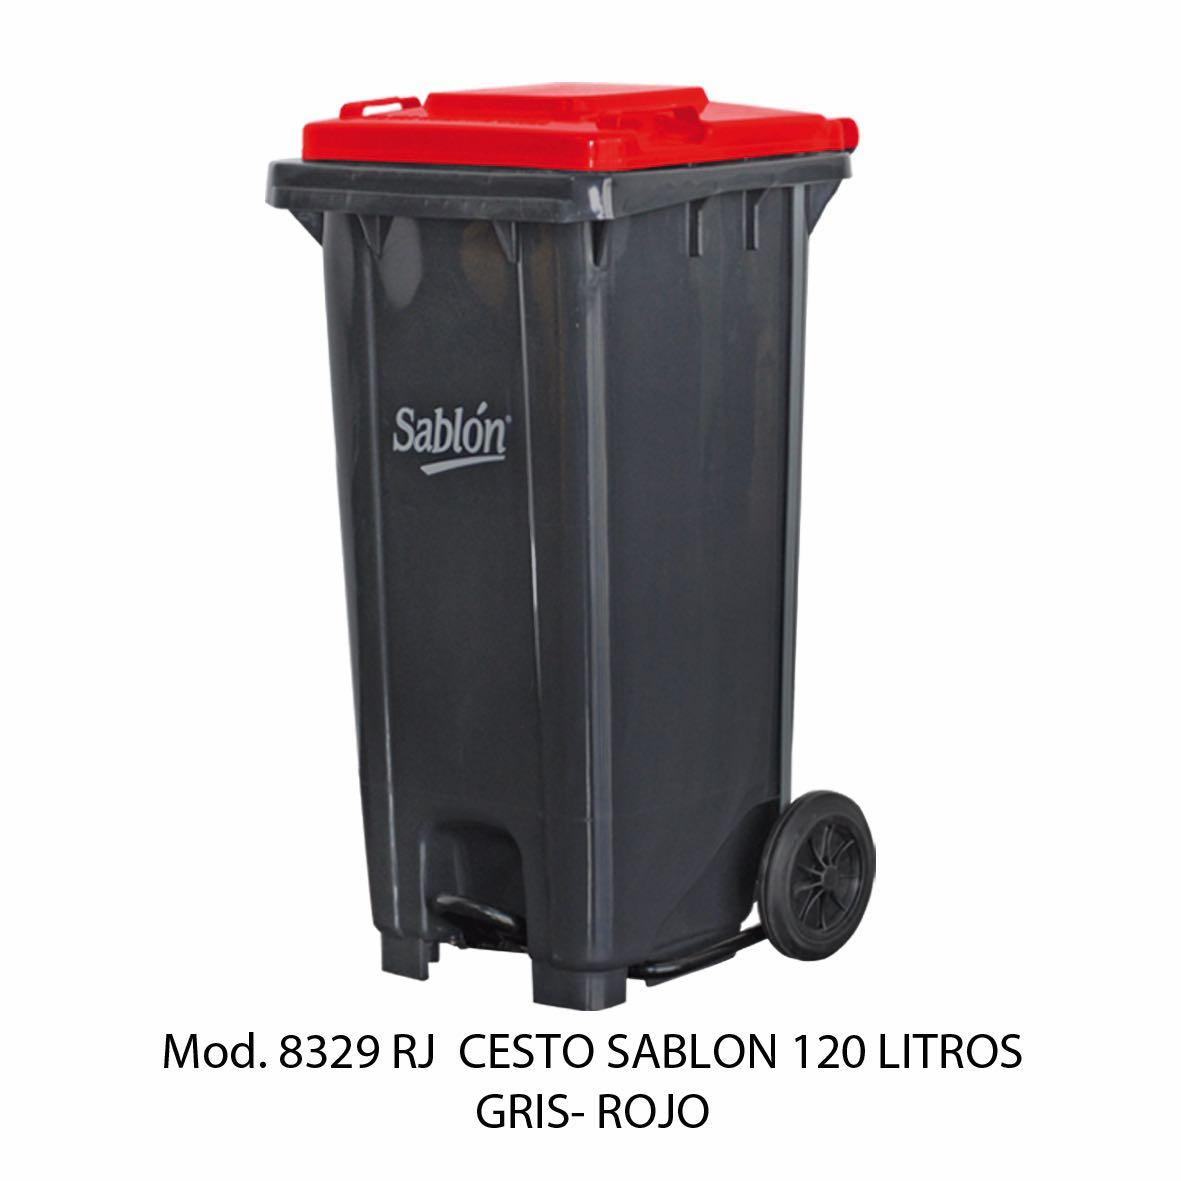 Contenedor para basura de 120 litros cuerpo gris y tapa rojo - Modelo 8329 RJ - Sablón